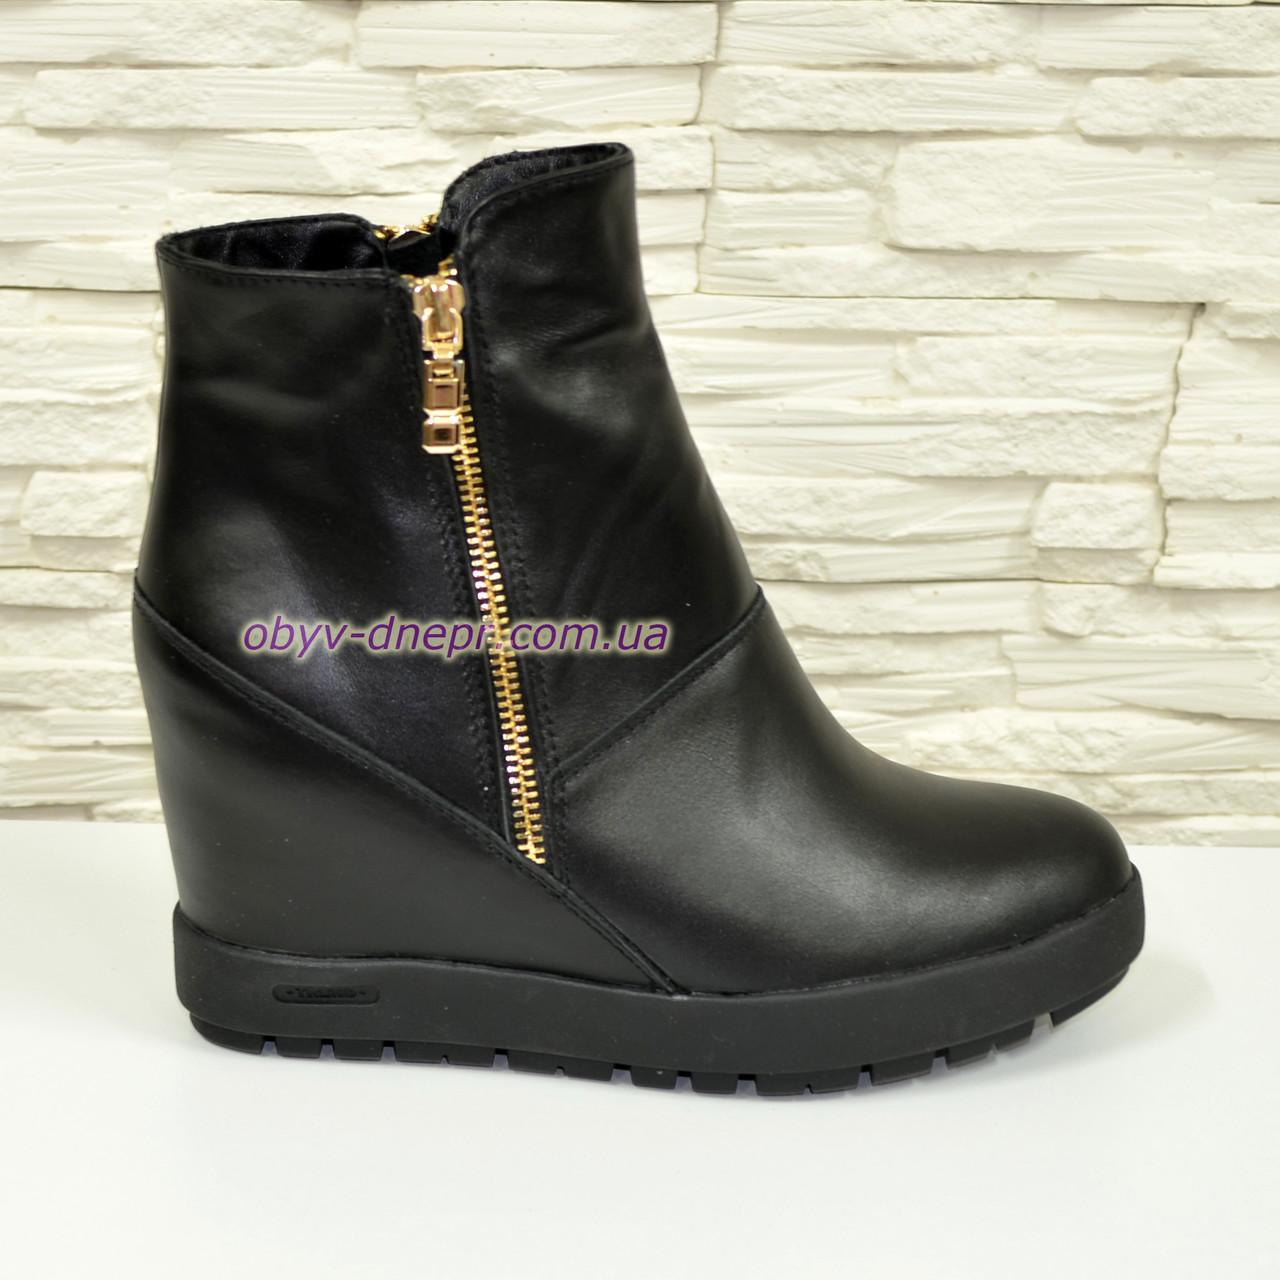 4b1f73ea Зимние кожаные женские ботинки на танкетке. 37 размер - Интернет-магазин